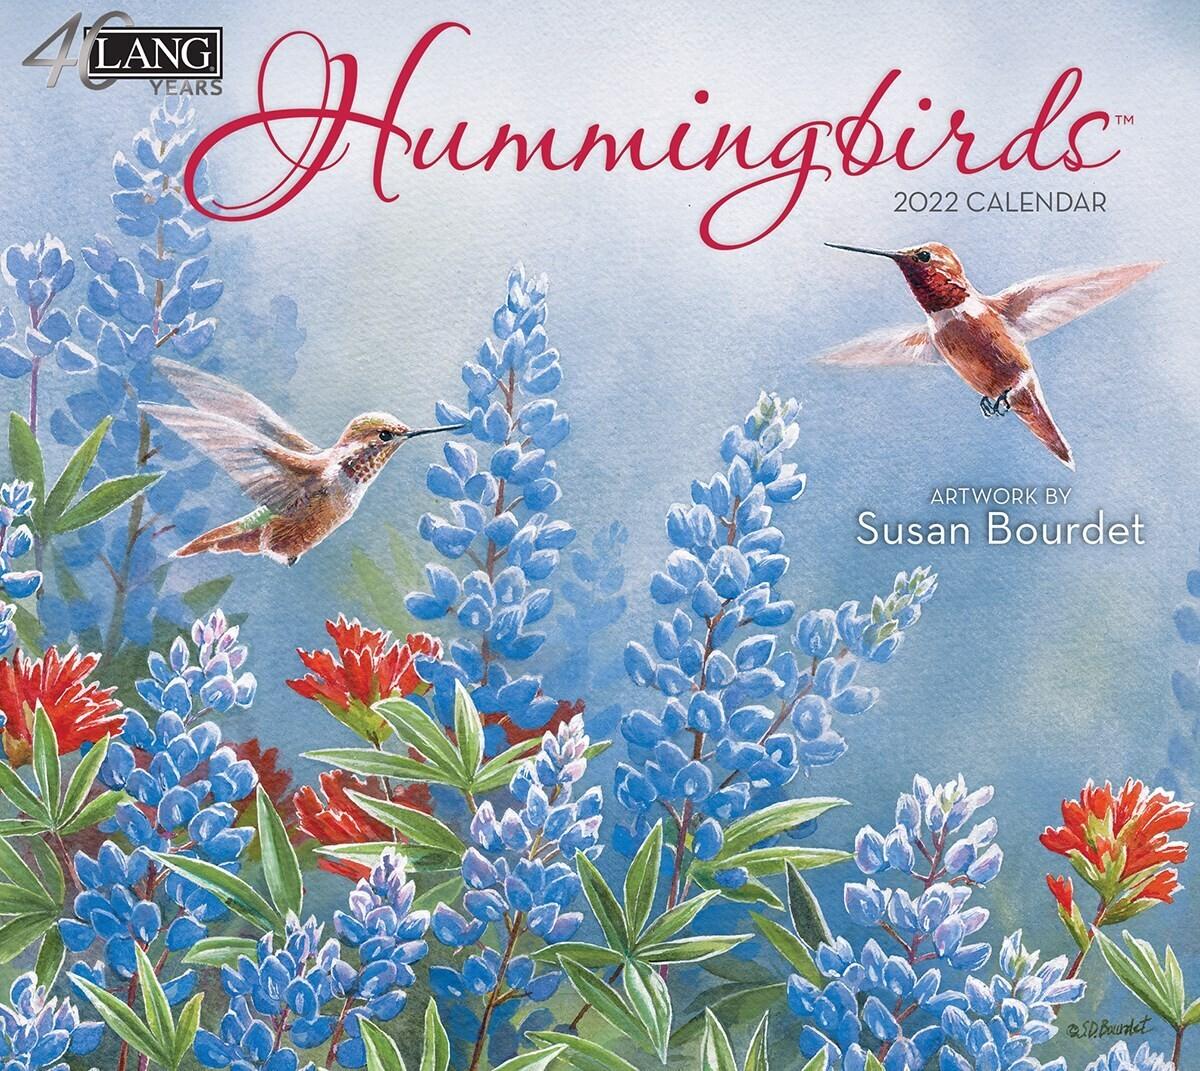 Lang Calendar - Hummingbirds - Susan Bourdet